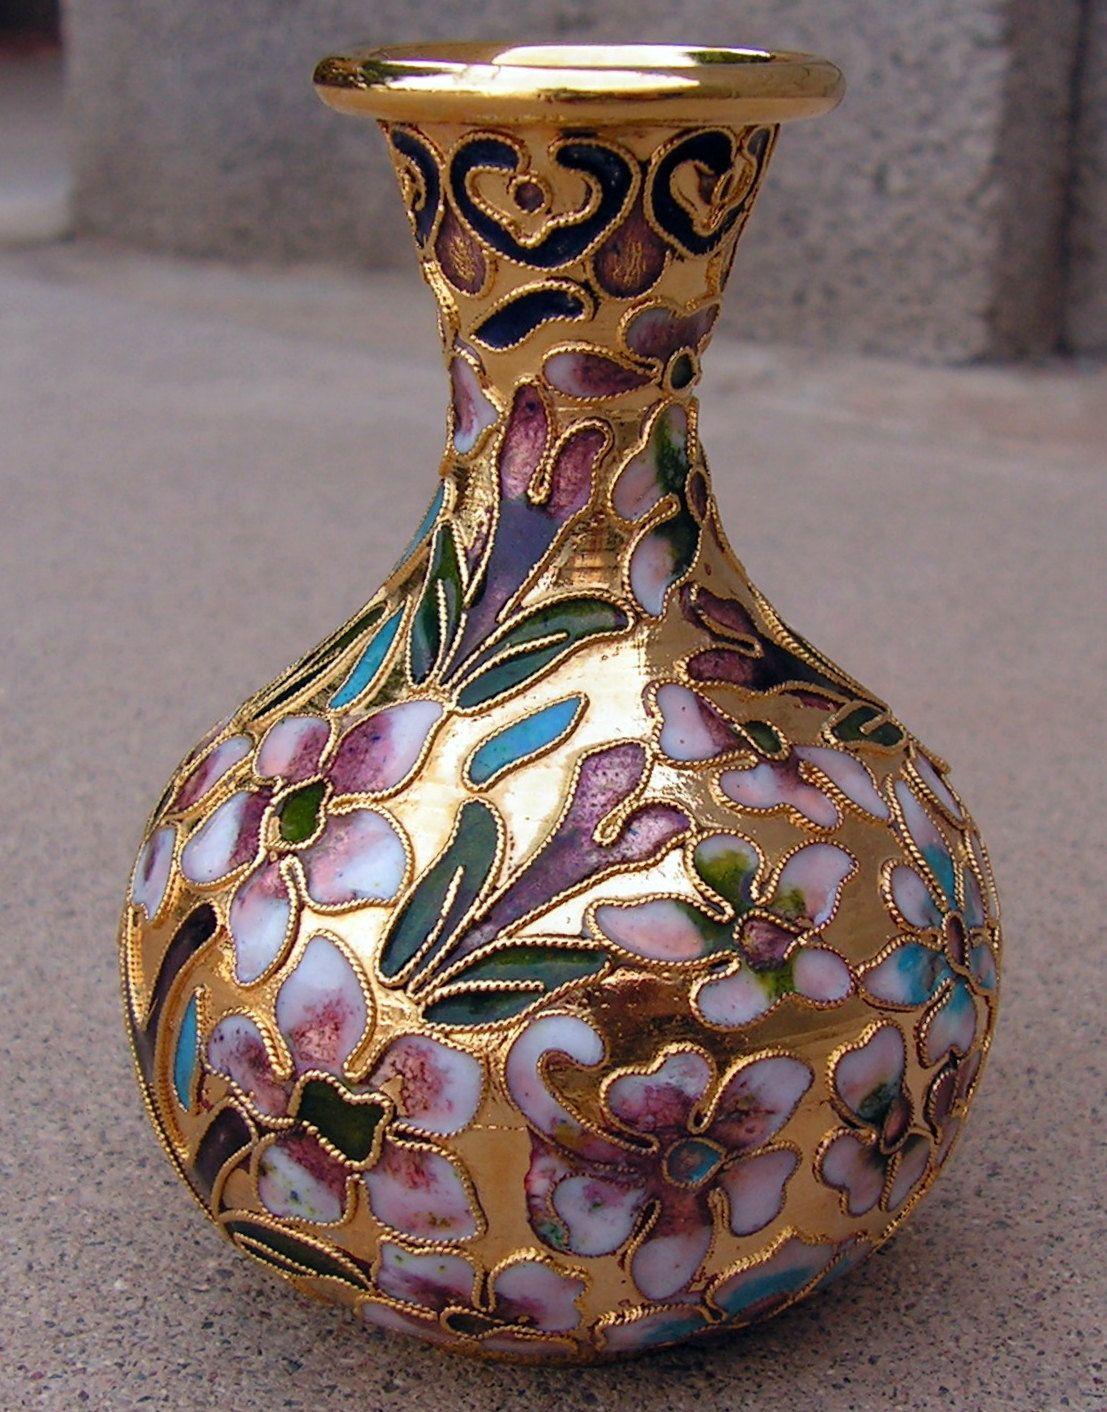 Vintage cloisonne miniature vase cloisonne vase by retrosideshow vintage cloisonne miniature vase cloisonne vase by retrosideshow reviewsmspy